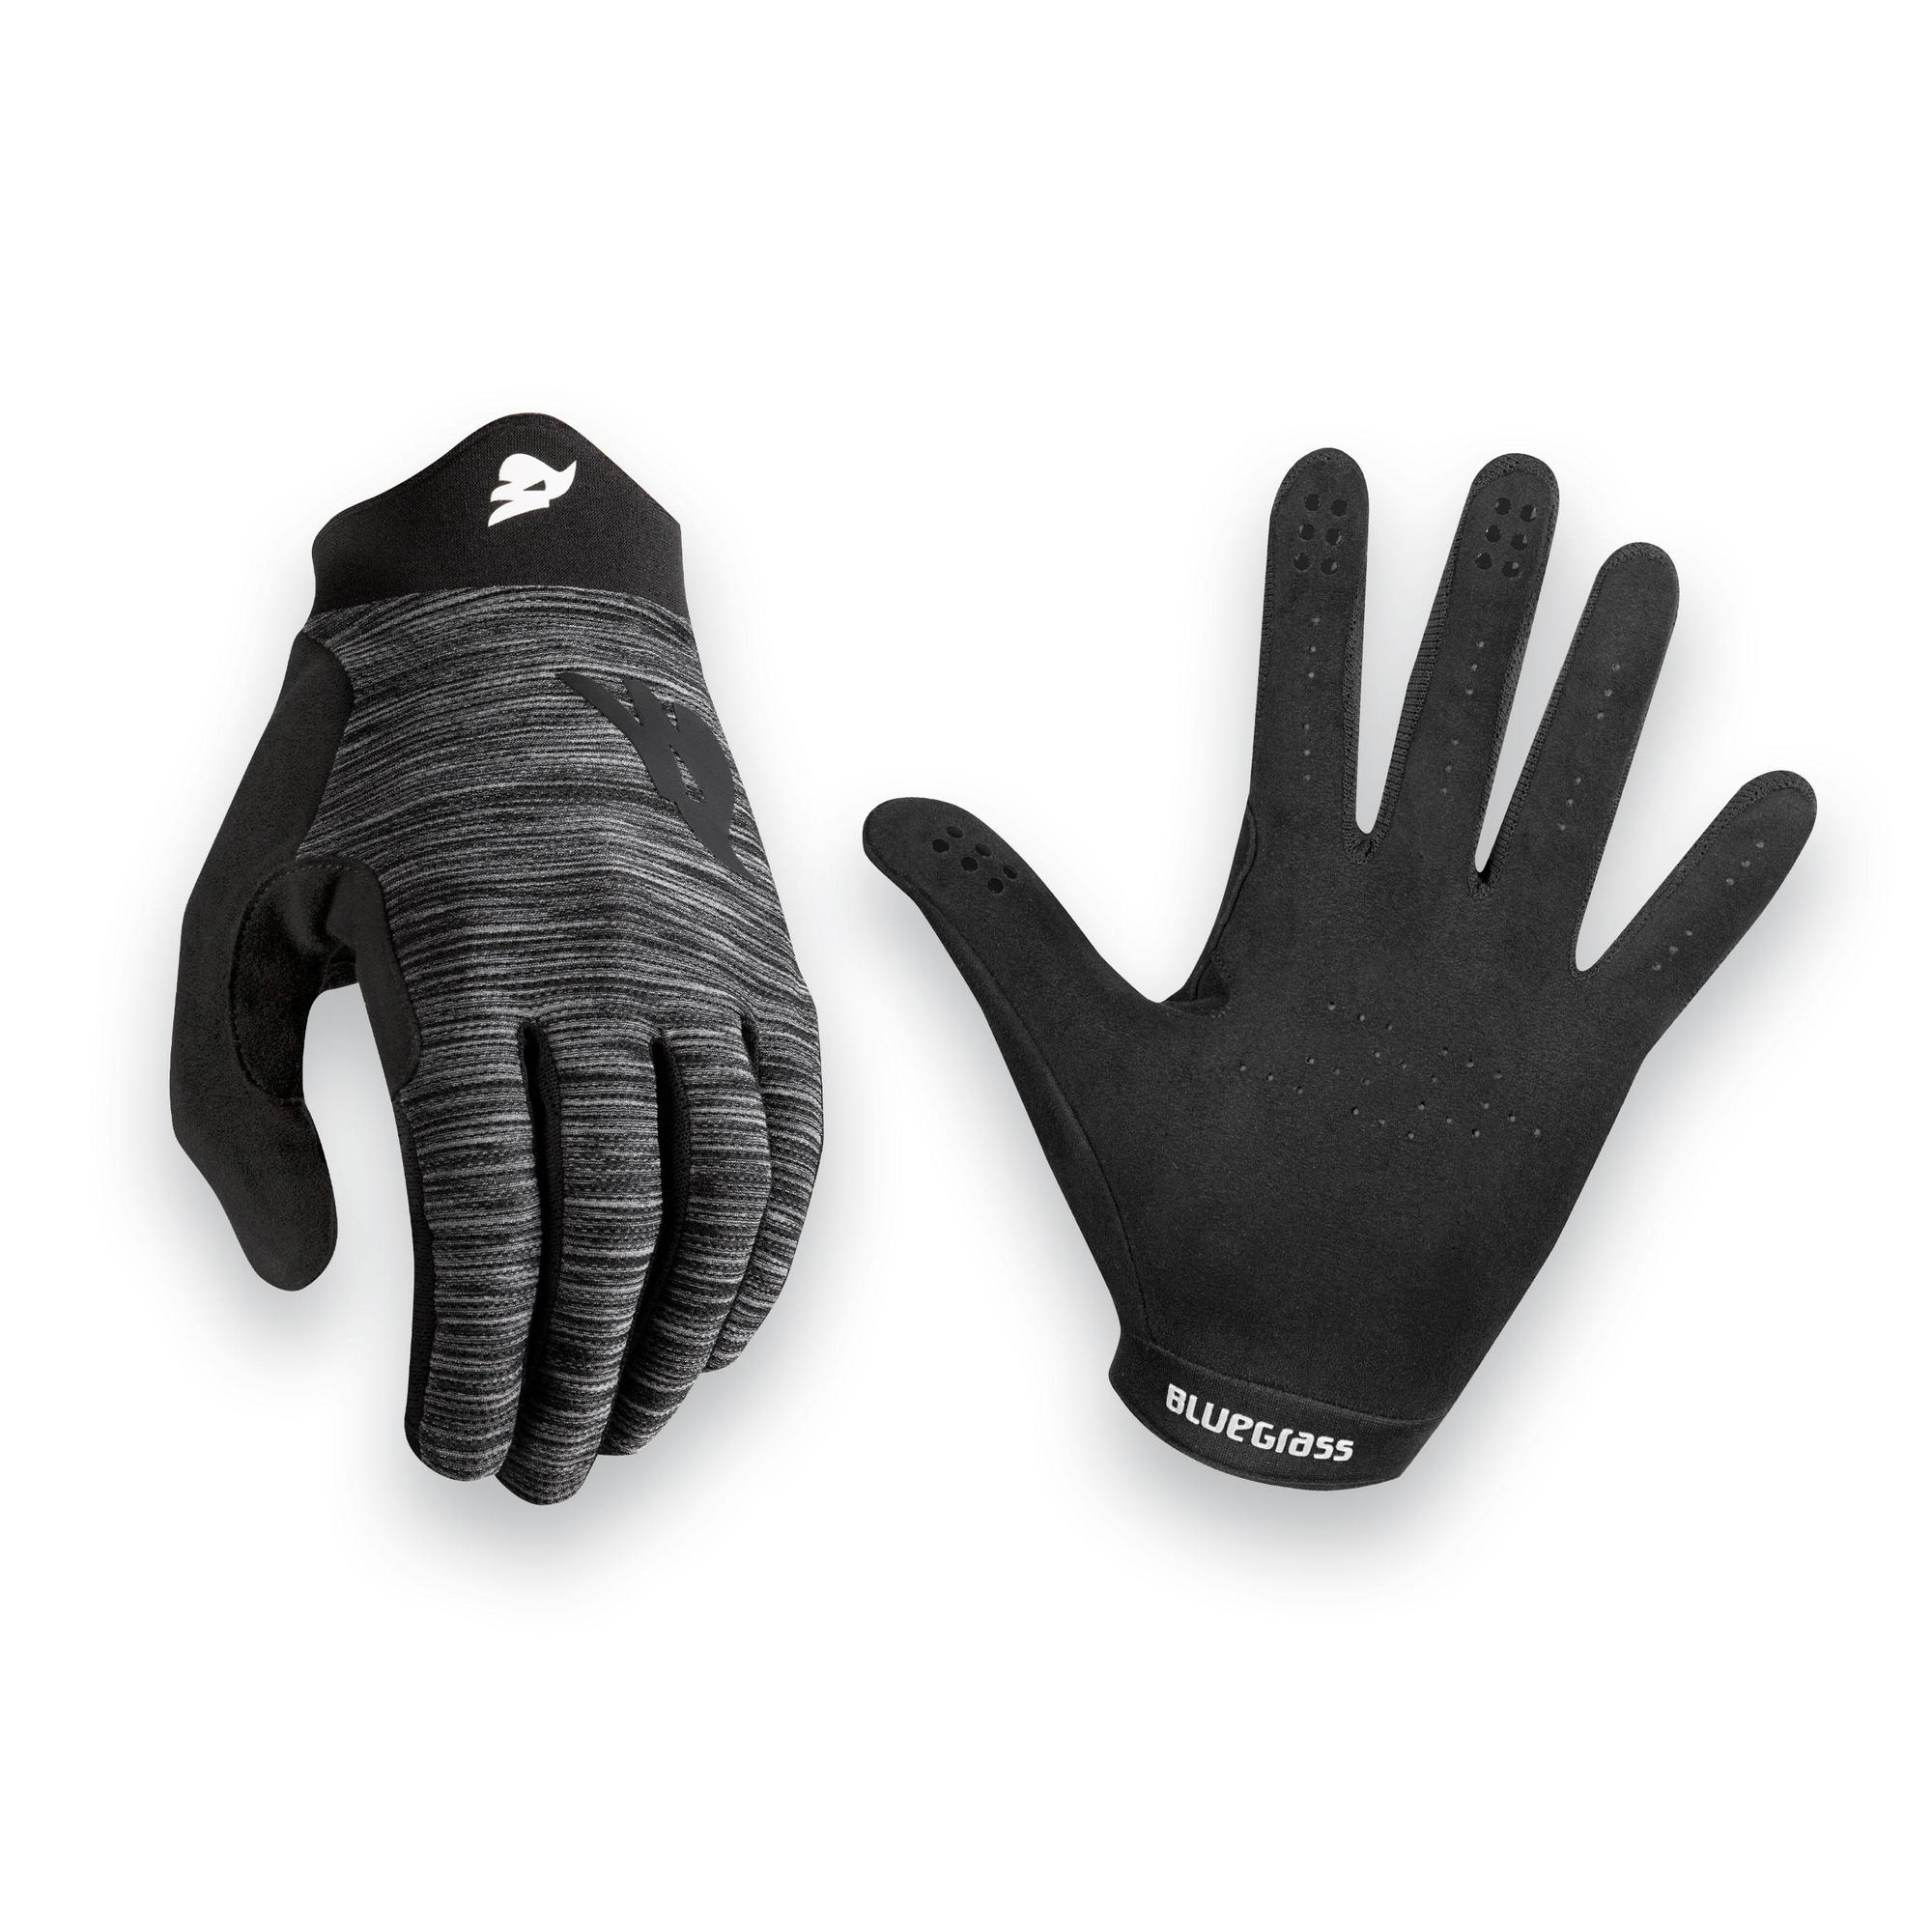 Bluegrass Union Handschuhe Gray